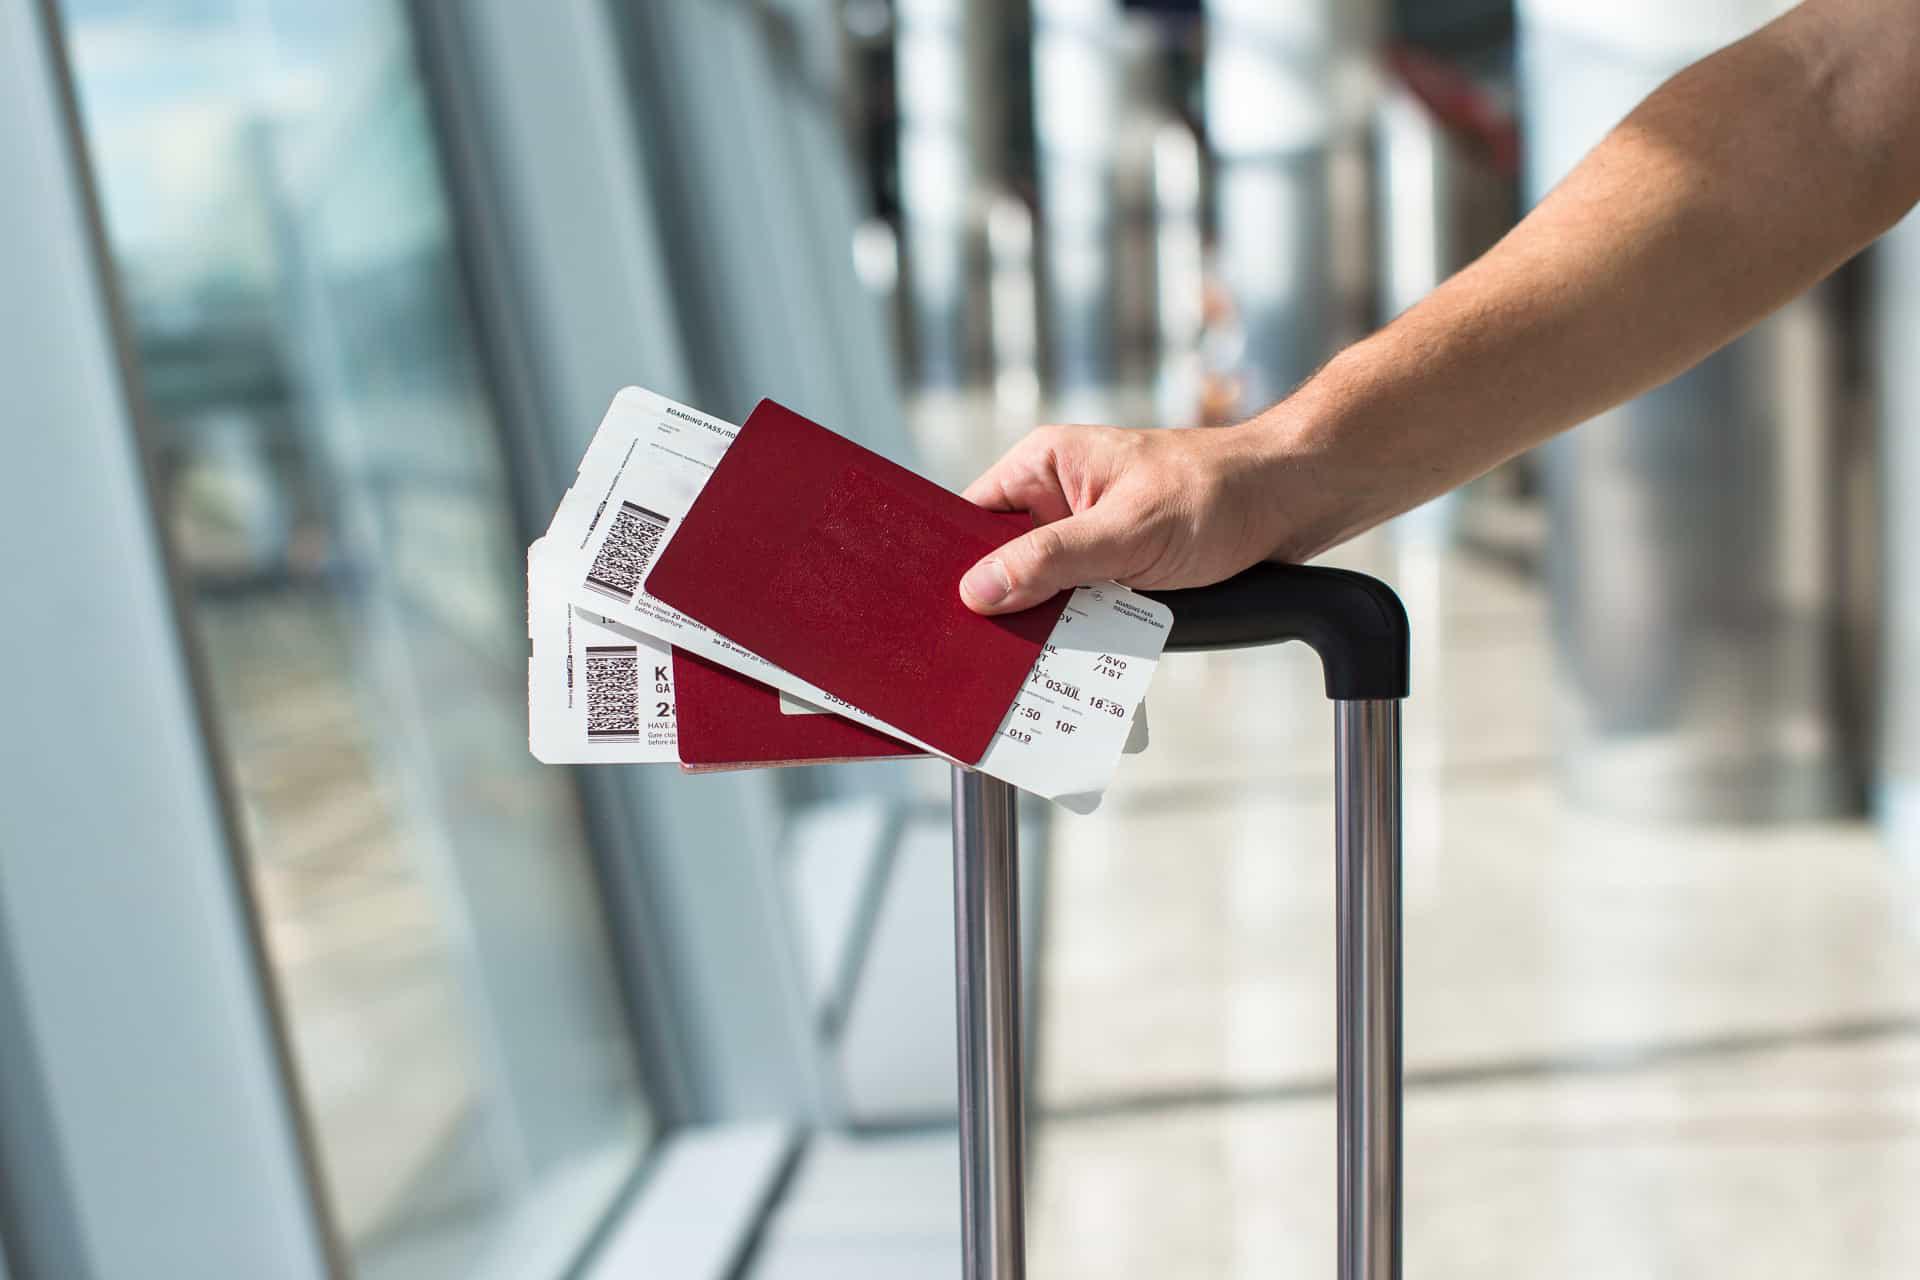 Ý nghĩa về mã trên thẻ lên máy bay và những rủi ro du khách cần biết? - Ảnh 1.